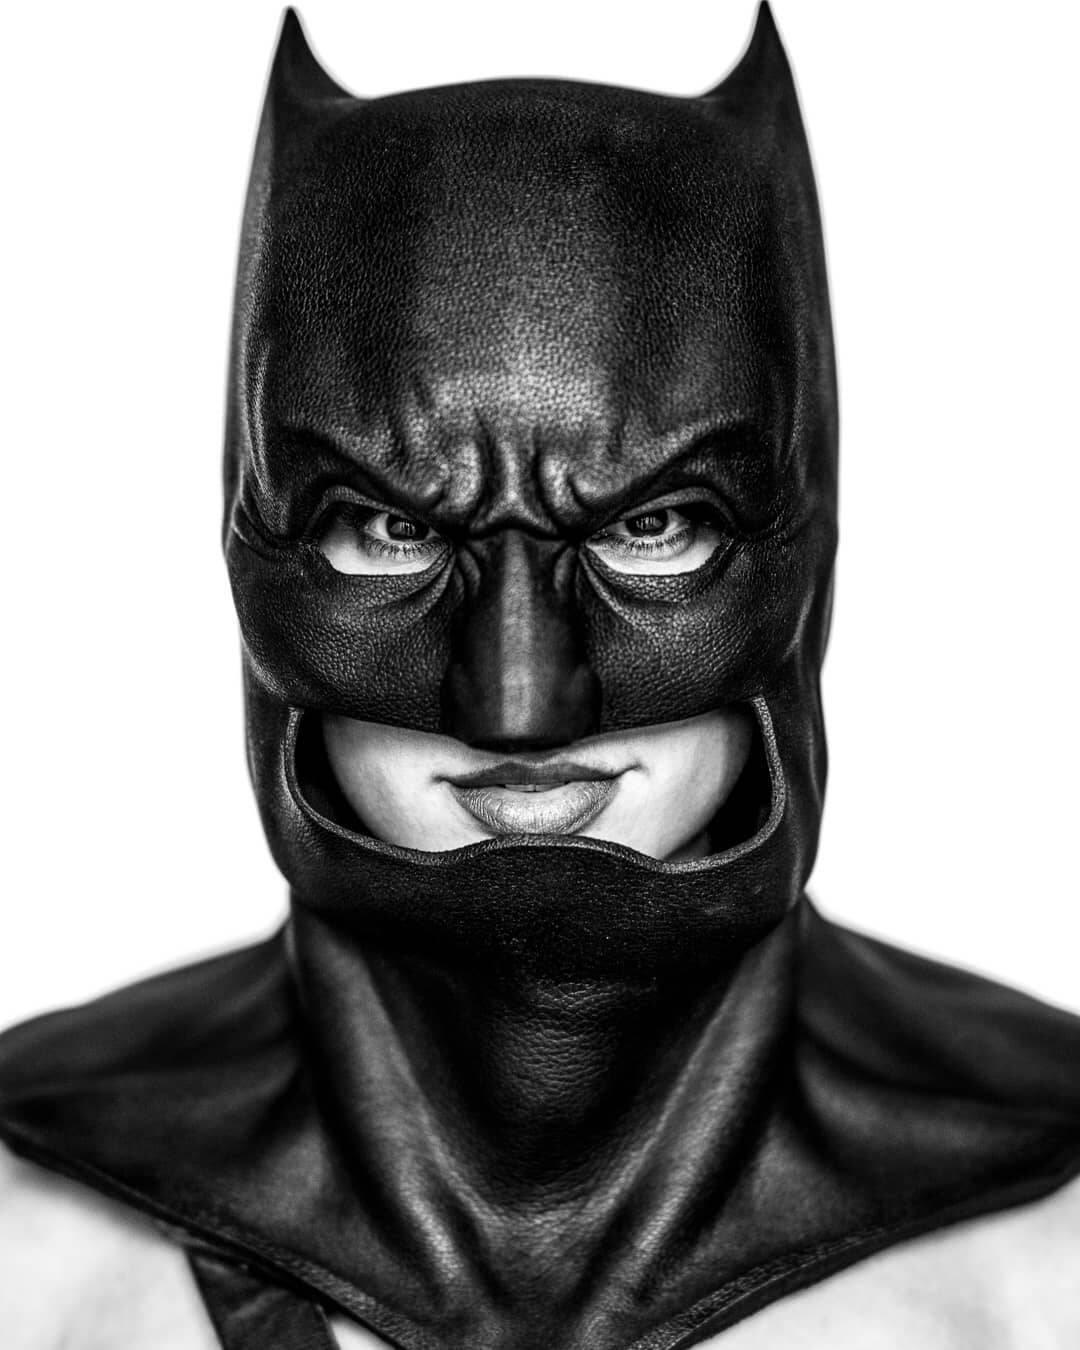 Gal Gadot, a Mulher Maravilha das telonas, escolheu ser o Batman neste Halloween. Foto: Reprodução/Instagram